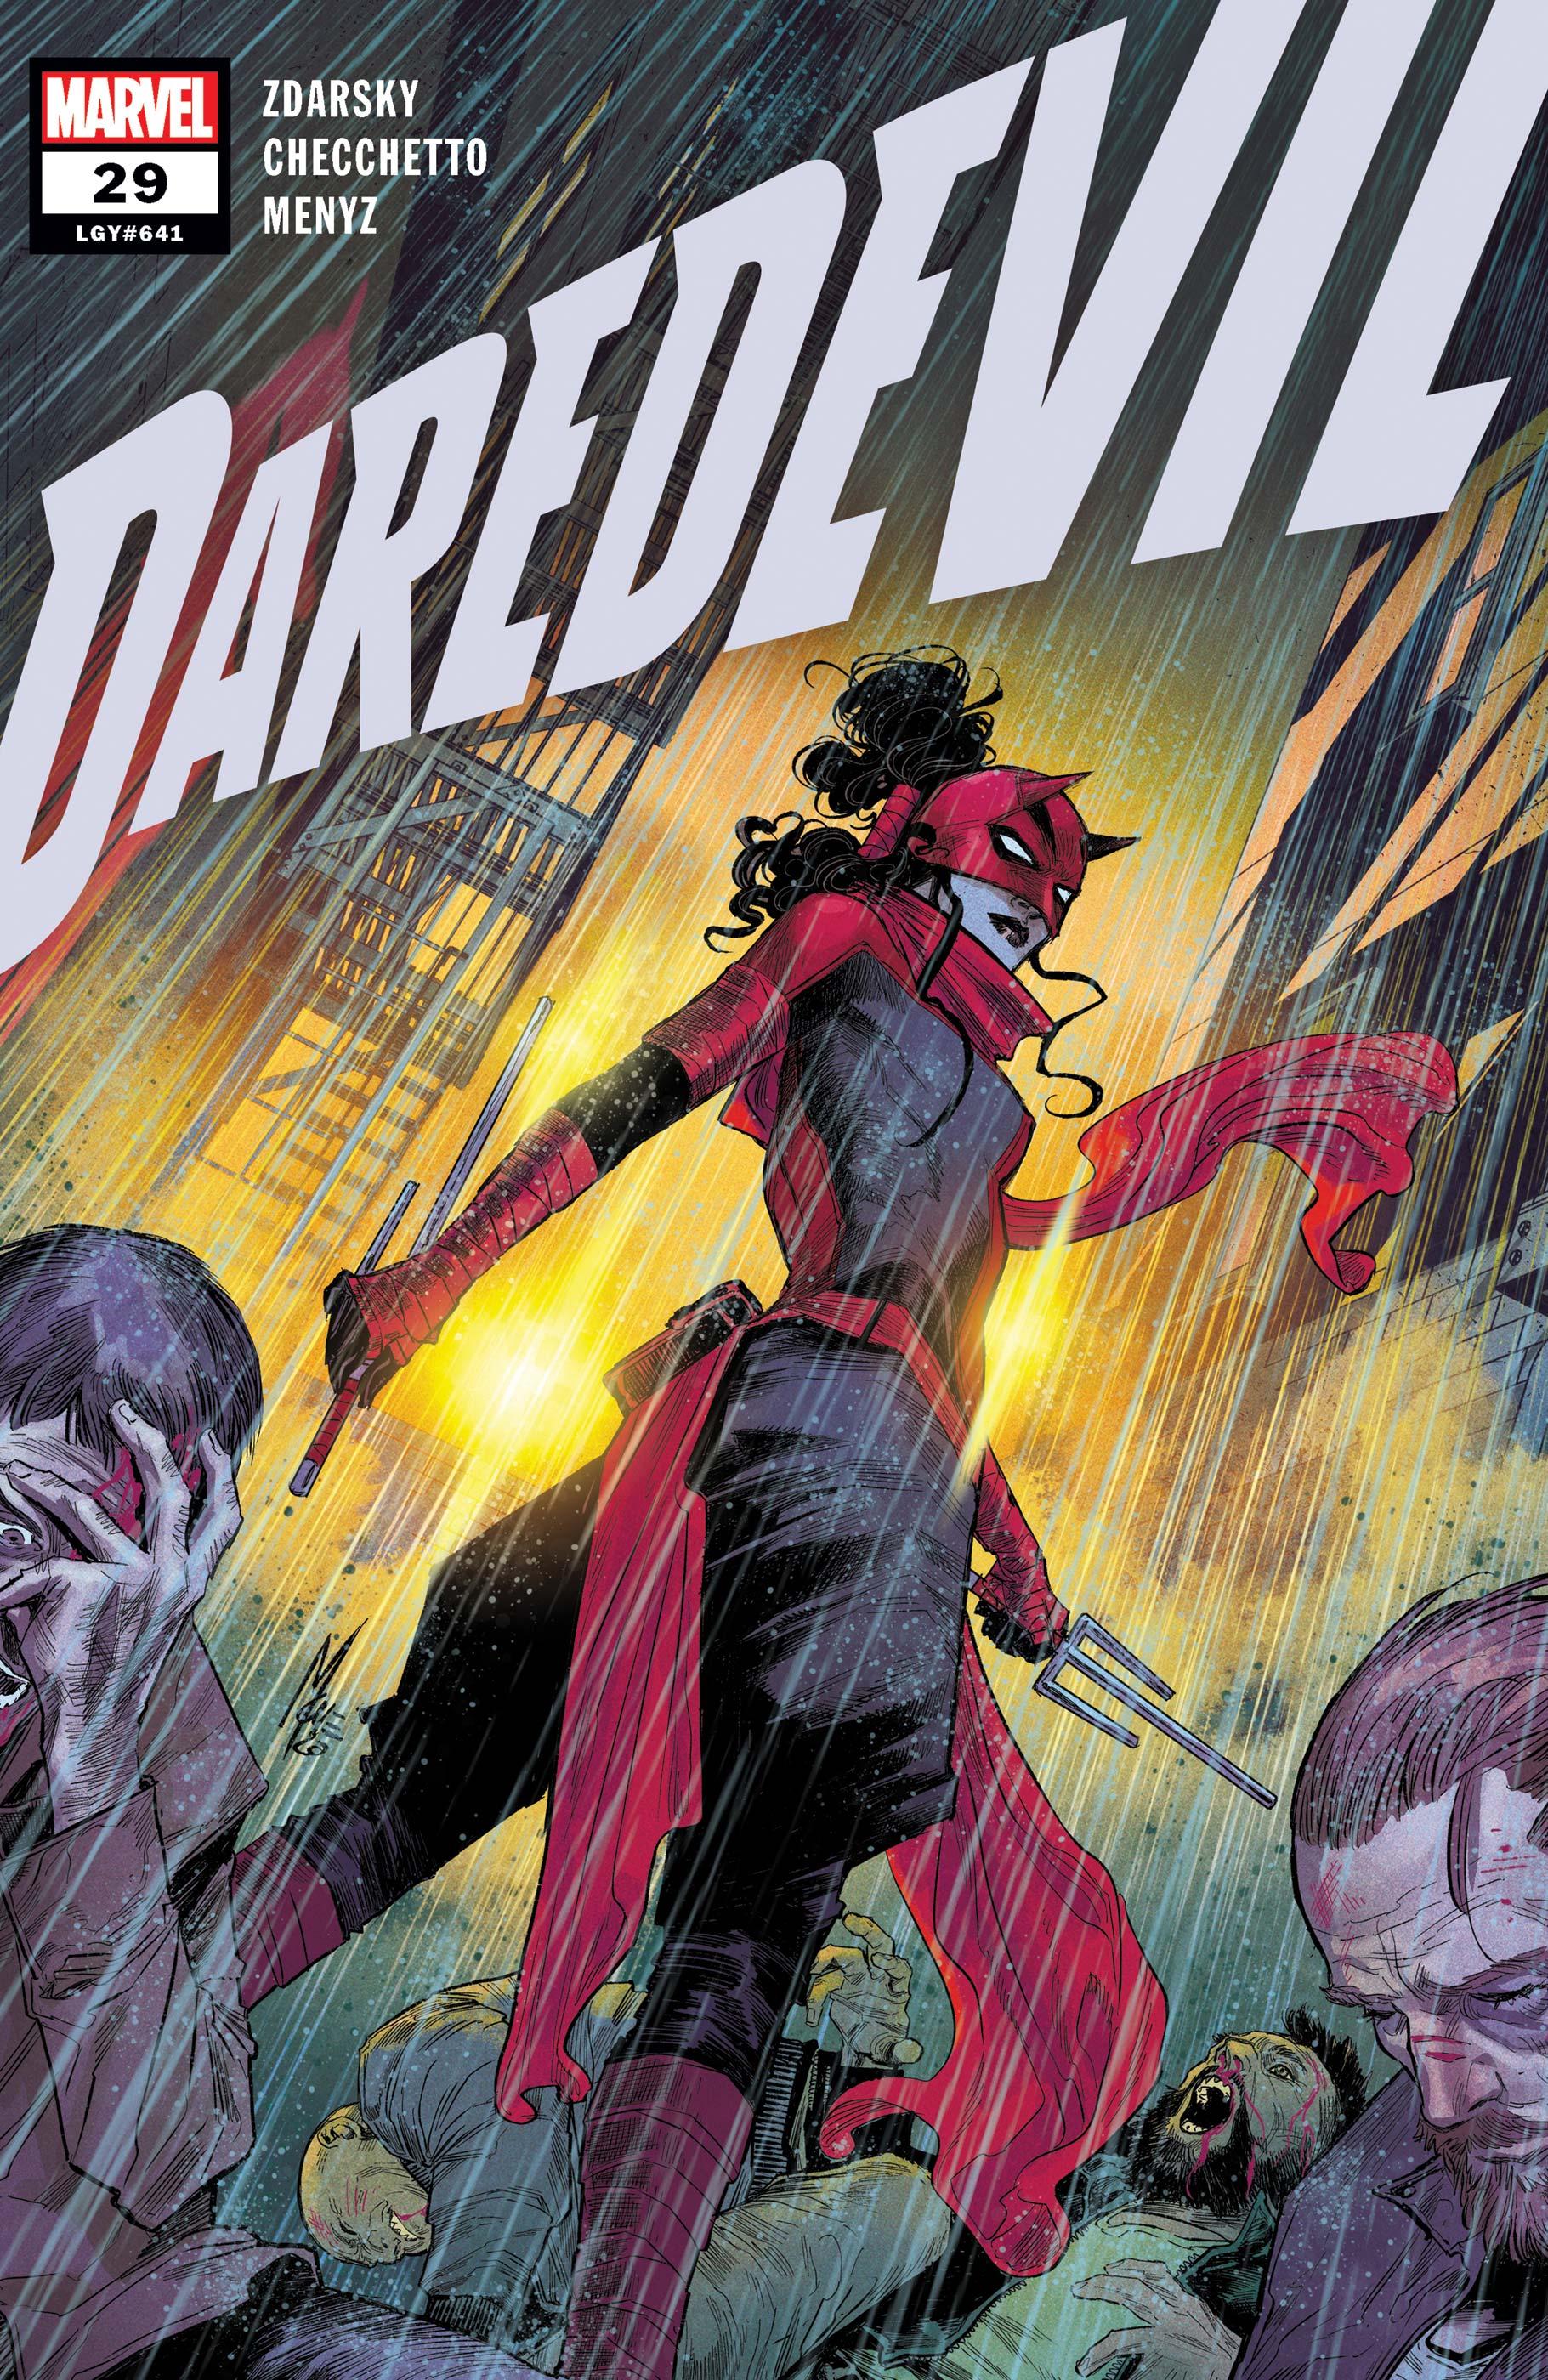 Daredevil (2019) #29